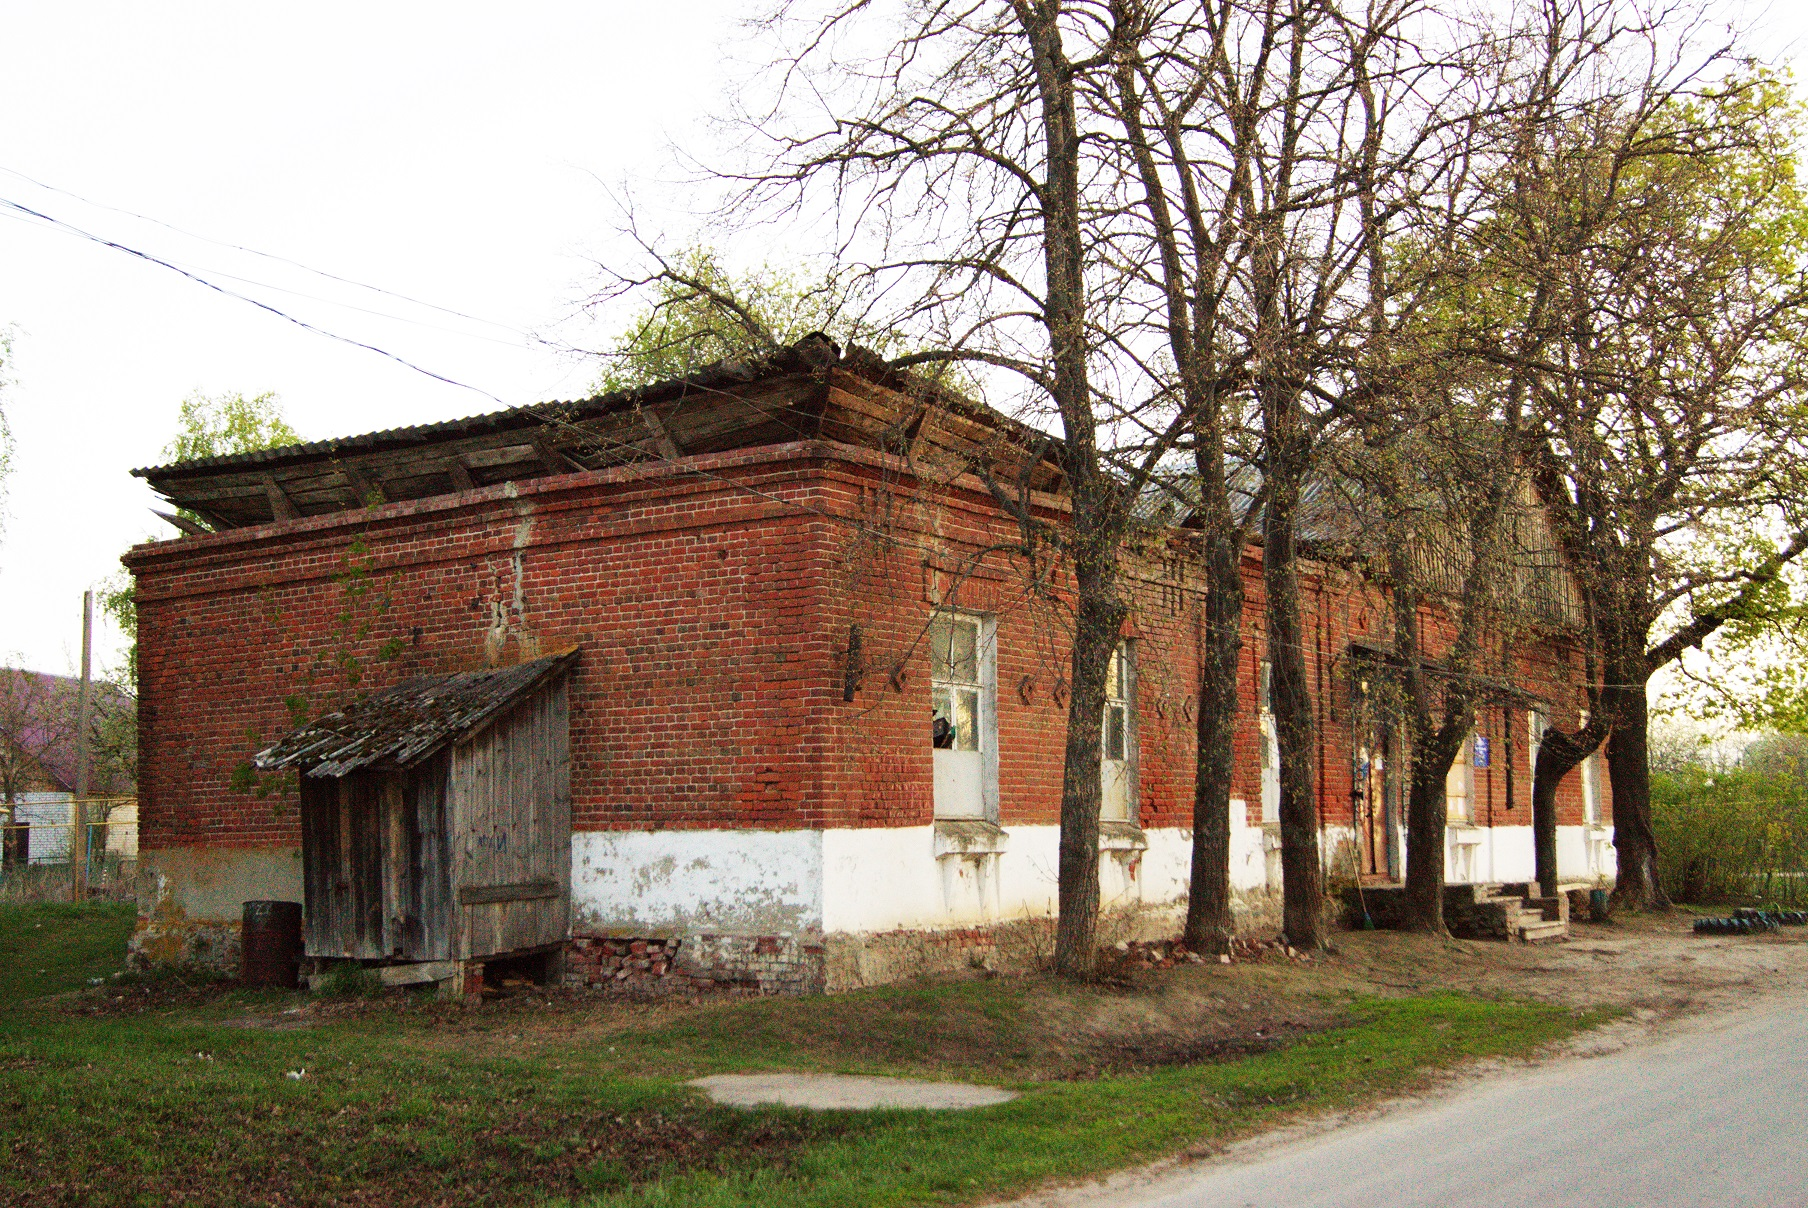 Здание бывшей земской школы в Исадах (ныне сельский клуб). Вид с северо-востока. 2015.